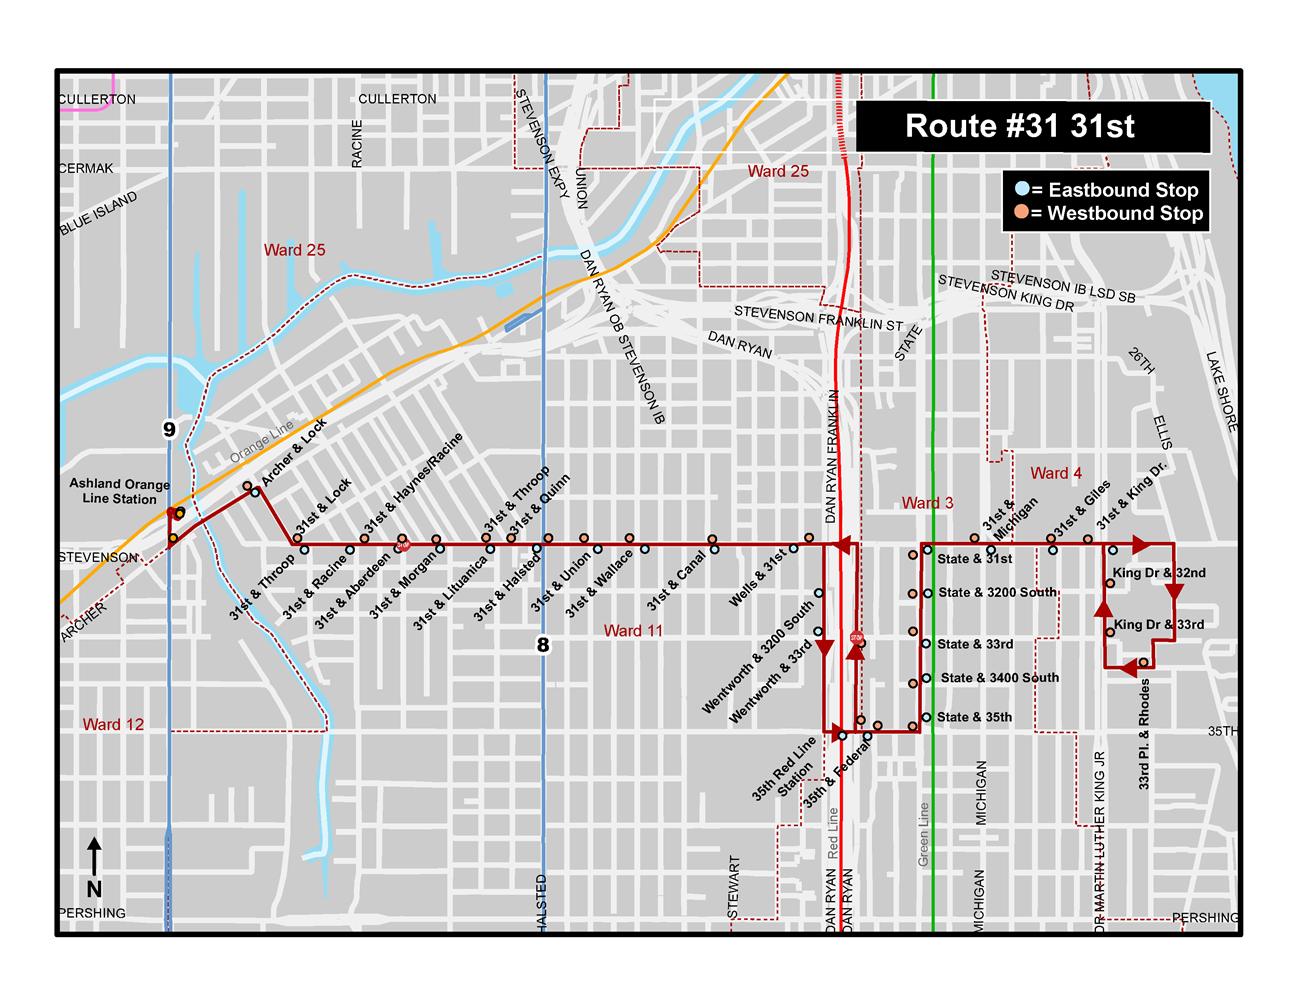 Sitetransitchicagocom Chicago Subway Map.31st Bus Route Pilot Improvement Projects Cta